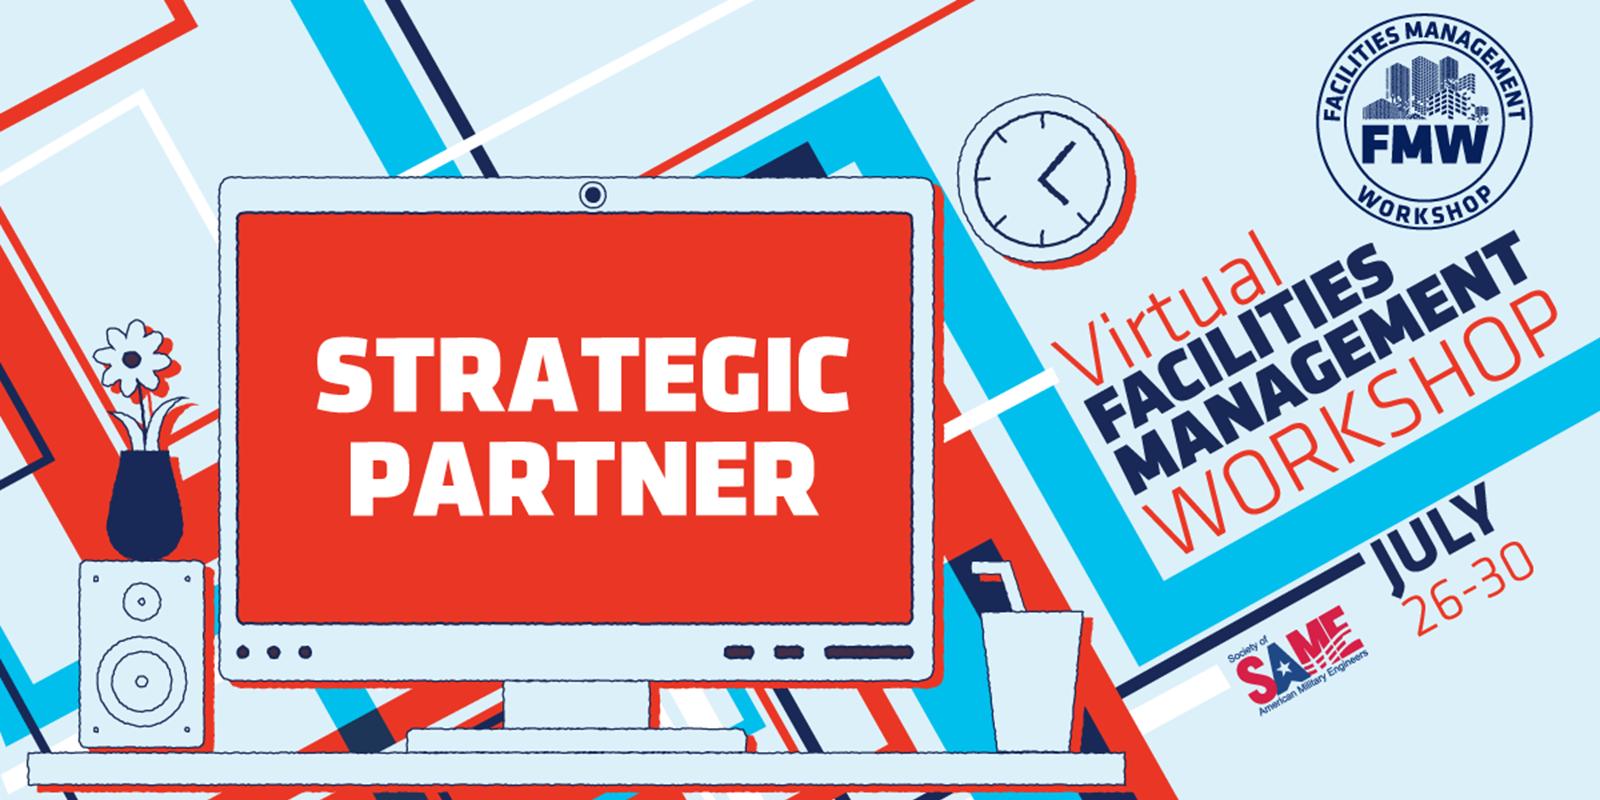 VFMW Strategic Partner Graphic